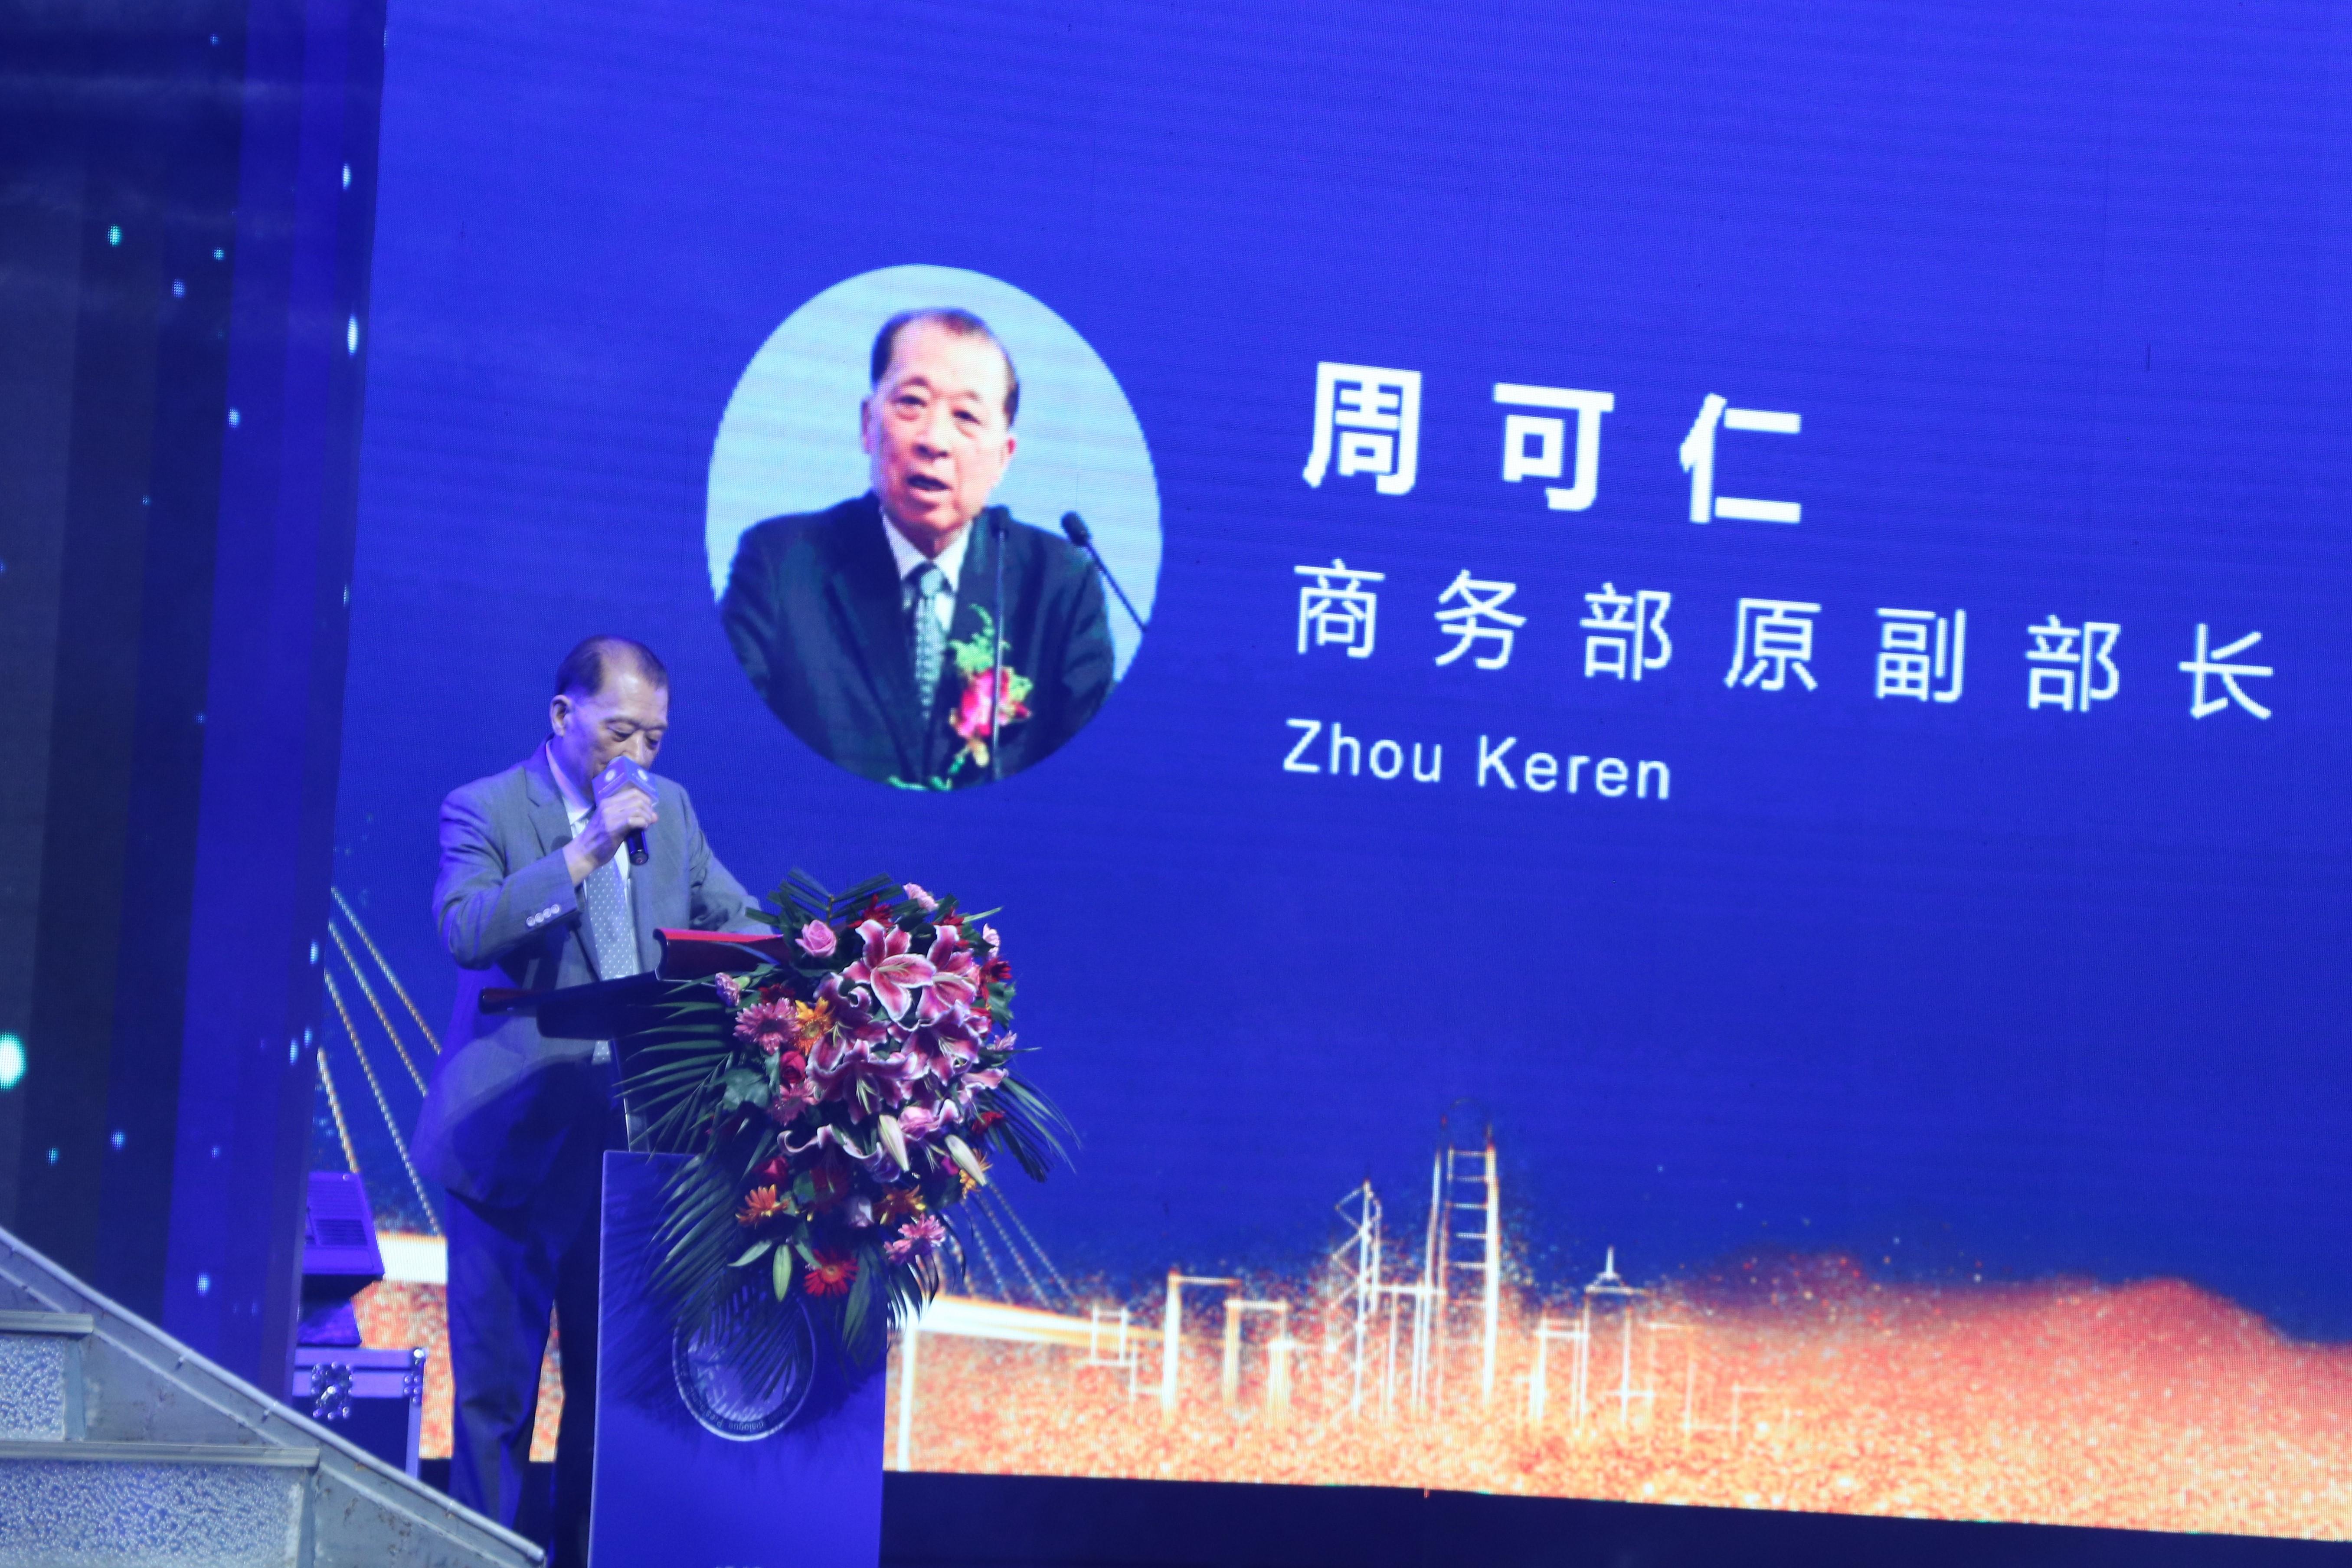 王俊强医生应邀与世界各国总统对话交流